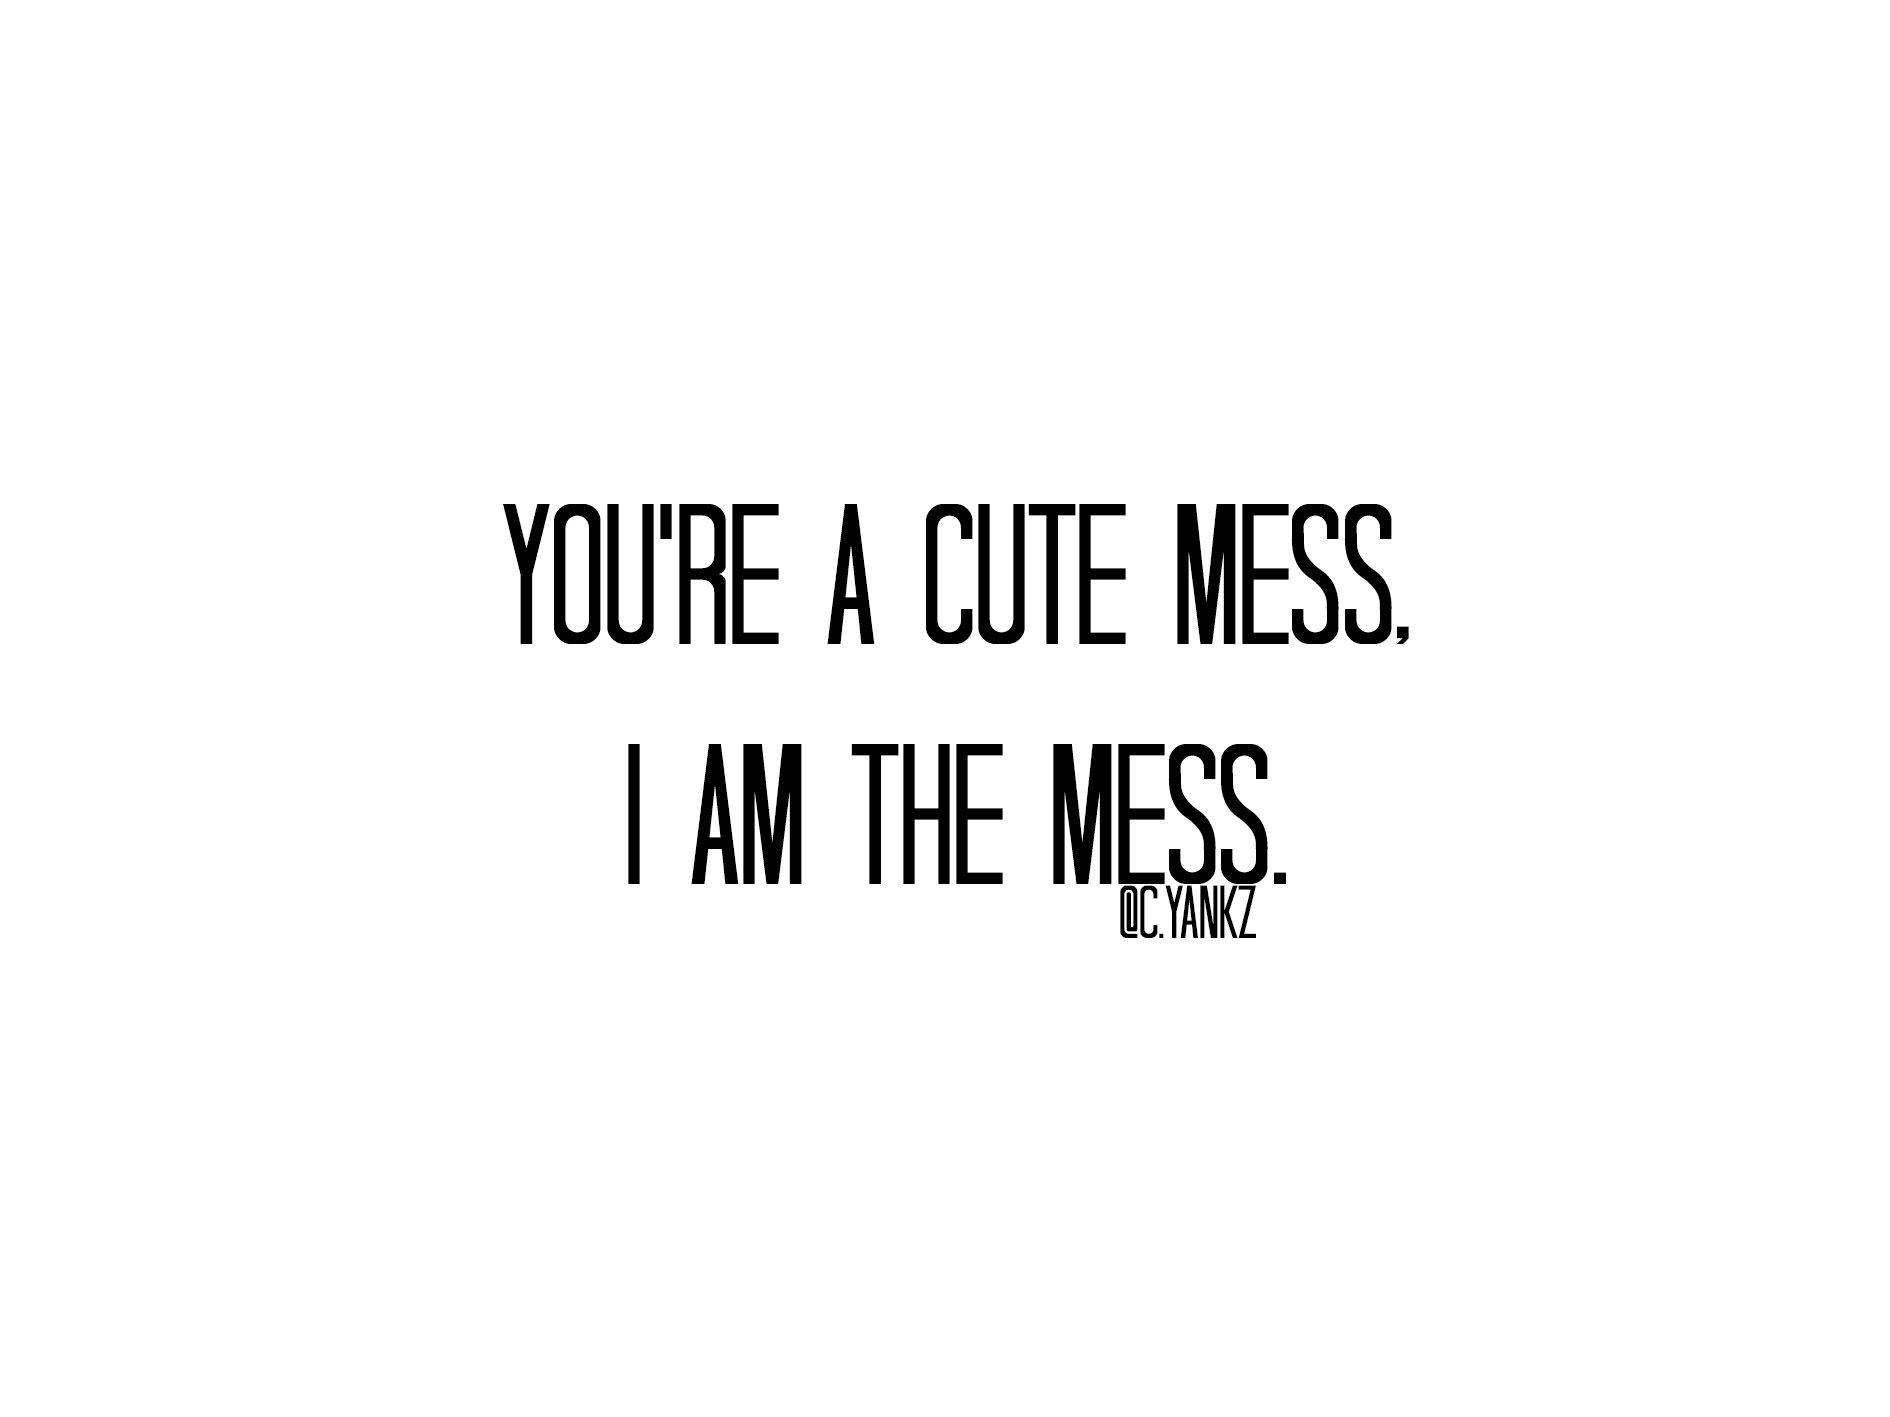 You Re A Cute Mess I Am The Mess Carlayankz Writing